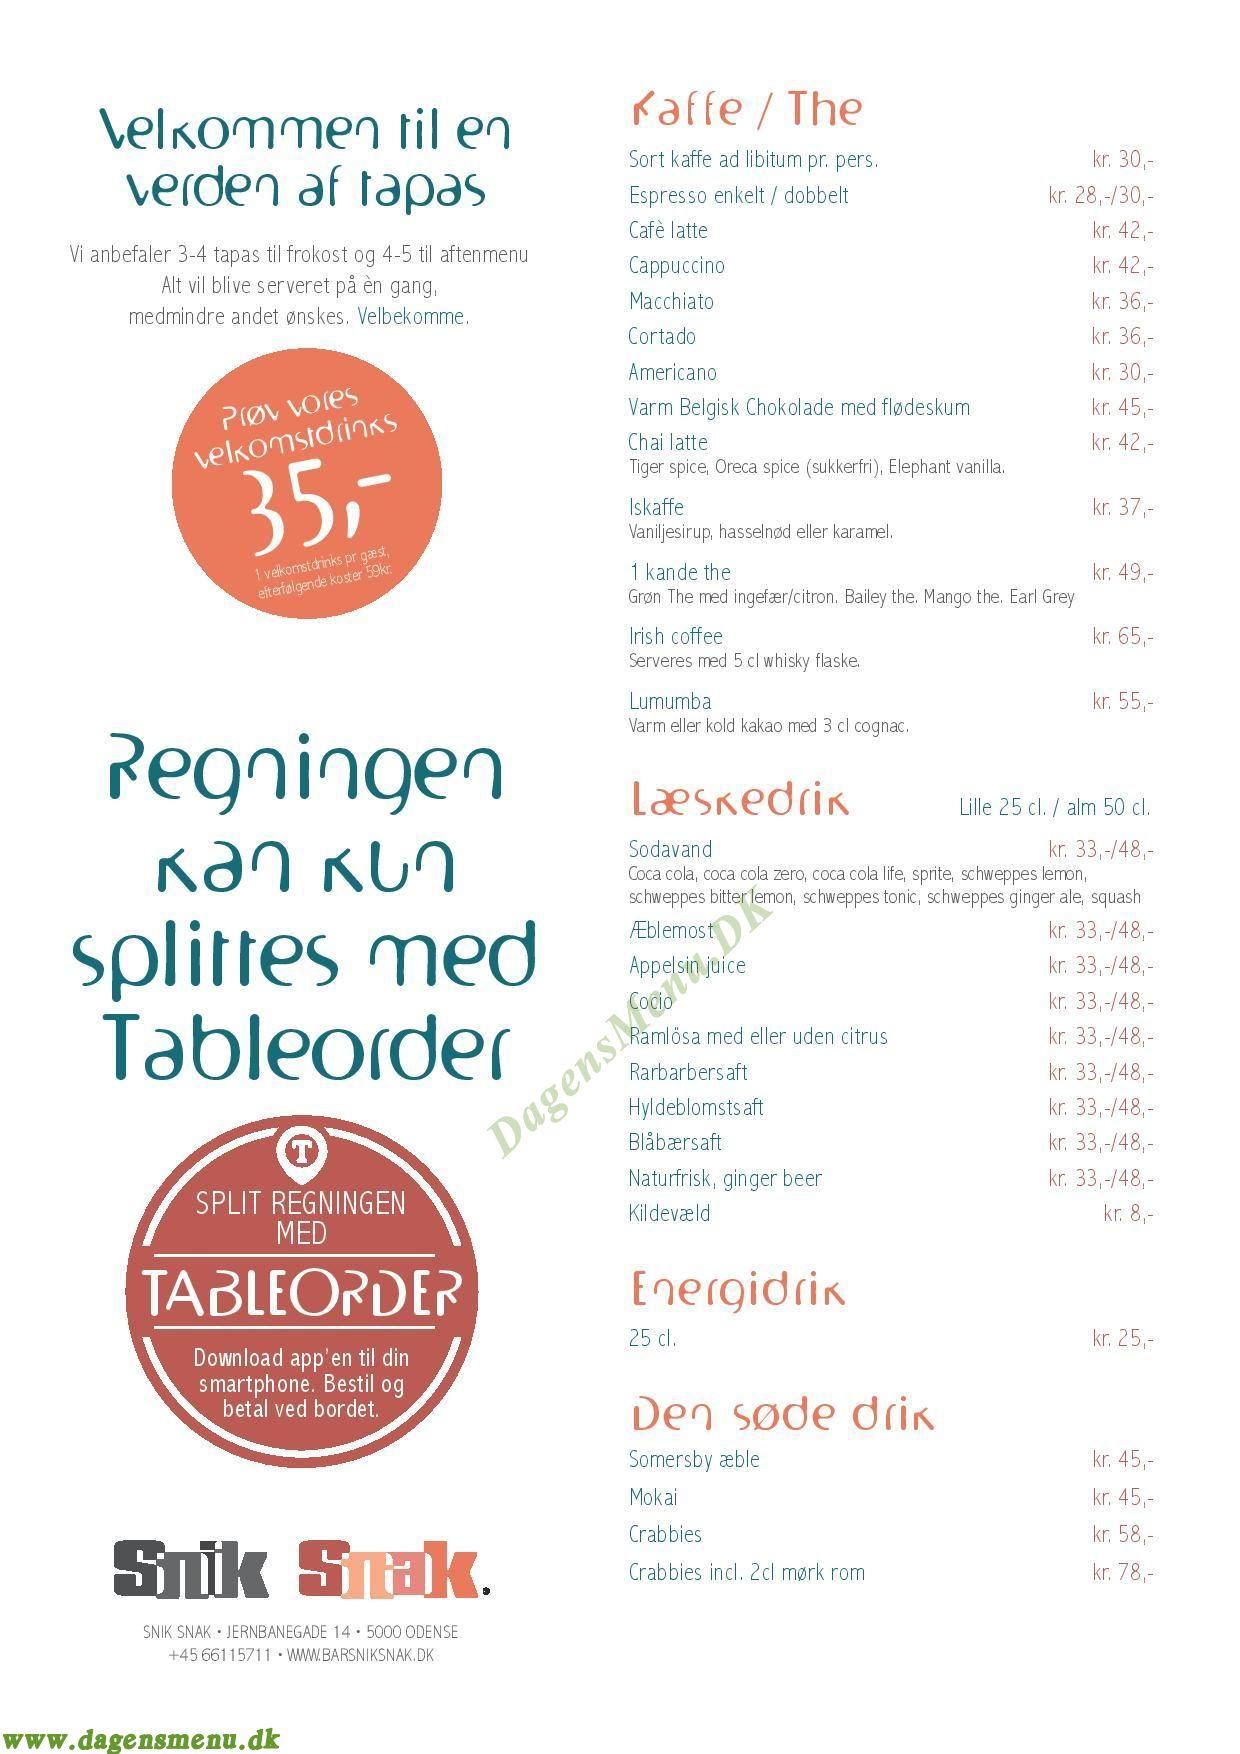 Restaurant Snik Snak - Menukort